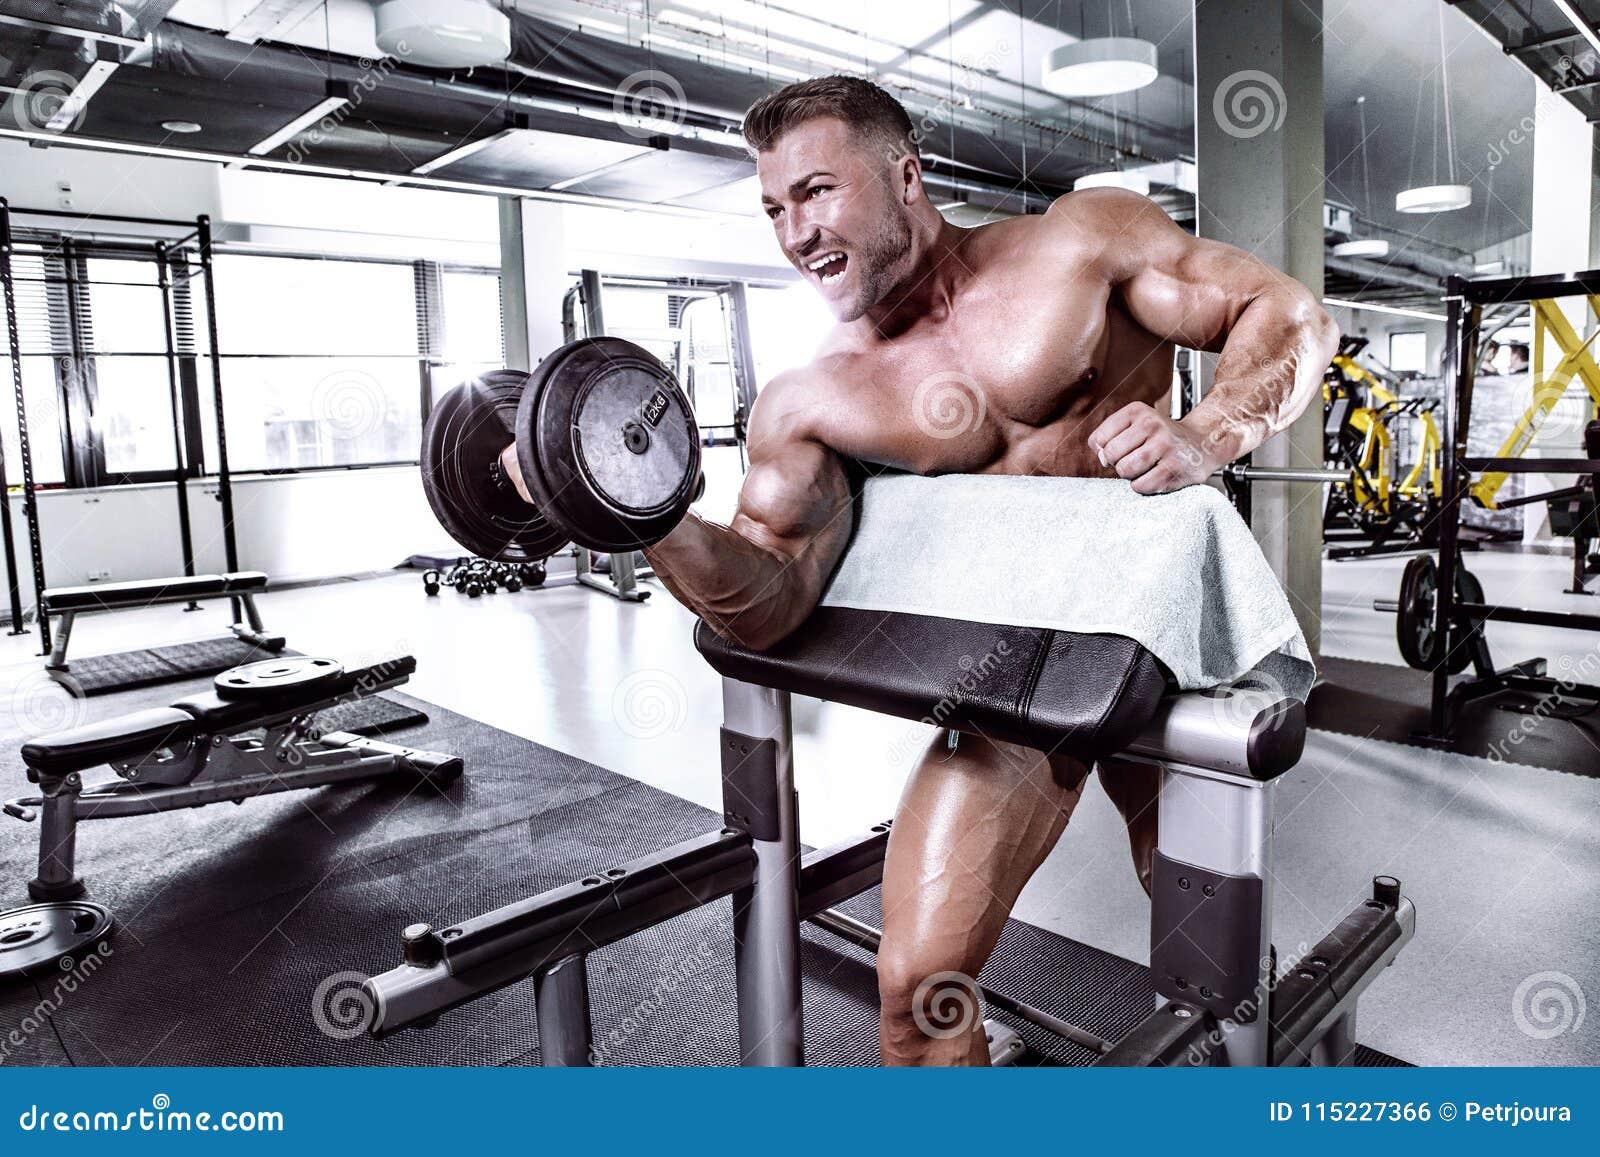 Μυϊκός τύπος bodybuilder που κάνει τις ασκήσεις με τον αλτήρα